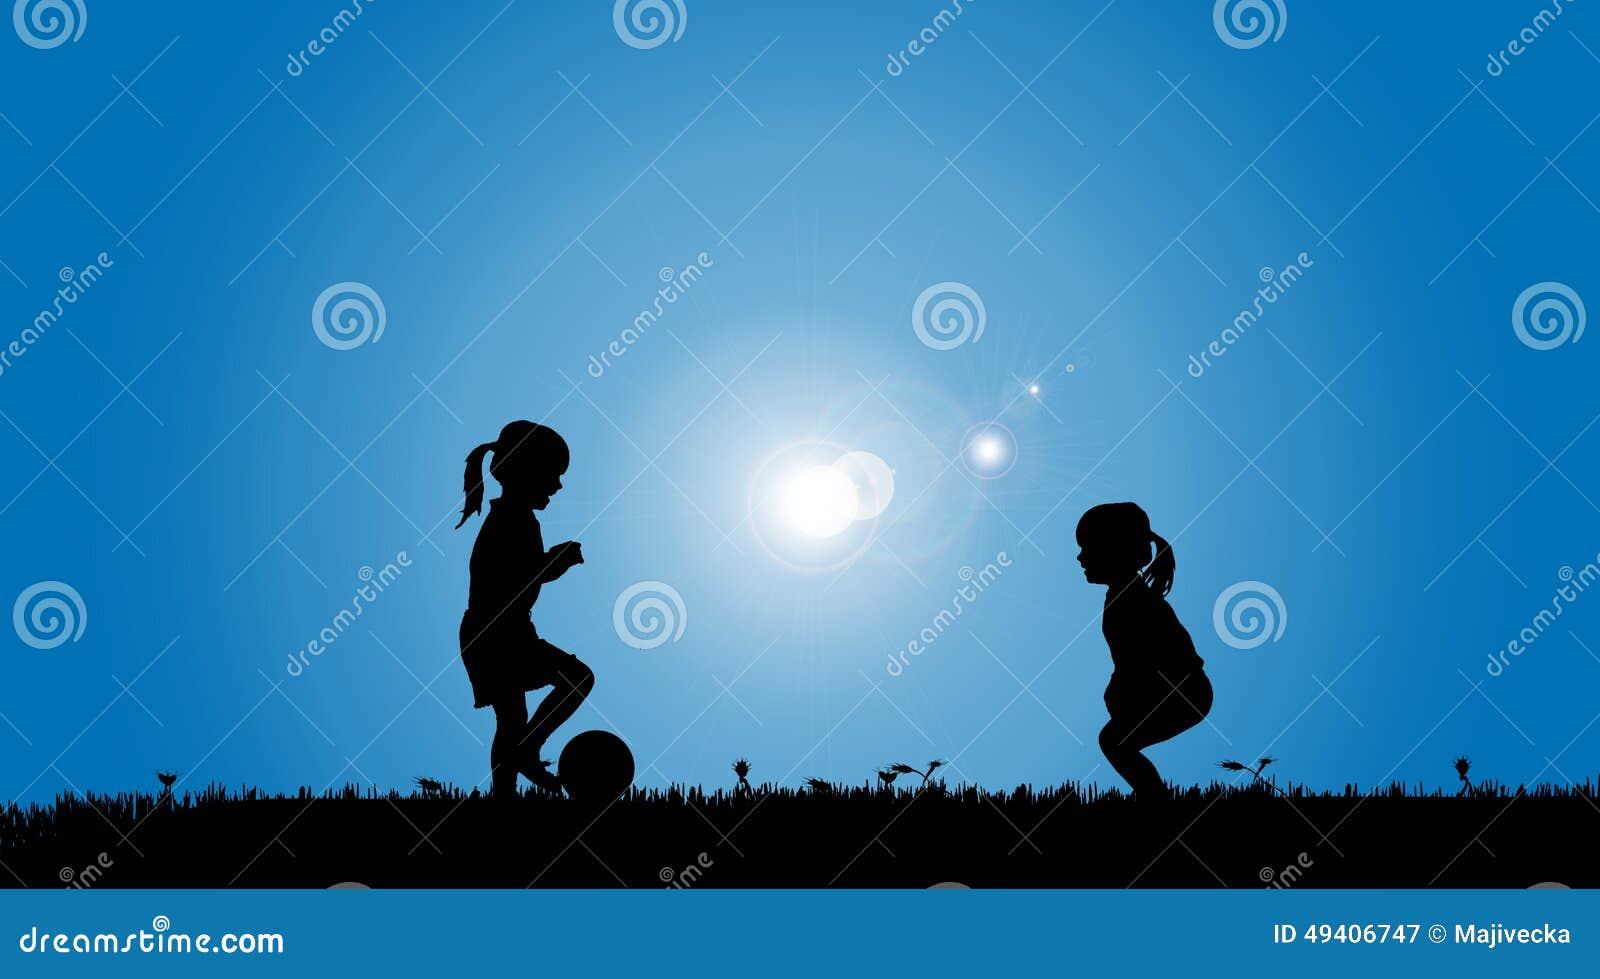 Download Vektorschattenbild Von Geschwister Vektor Abbildung - Illustration von fußball, nave: 49406747